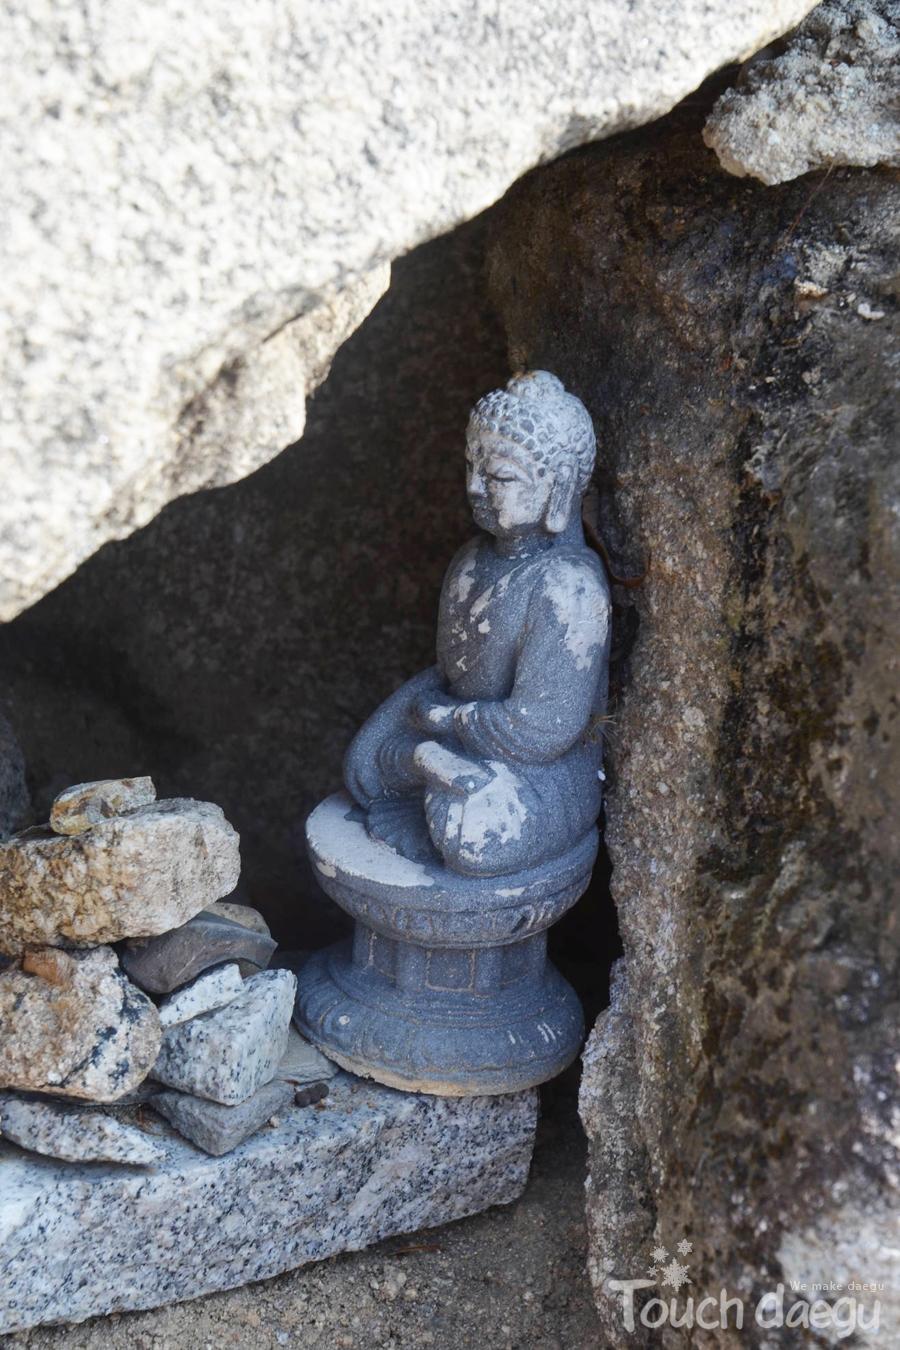 A hidden small Buddha statue